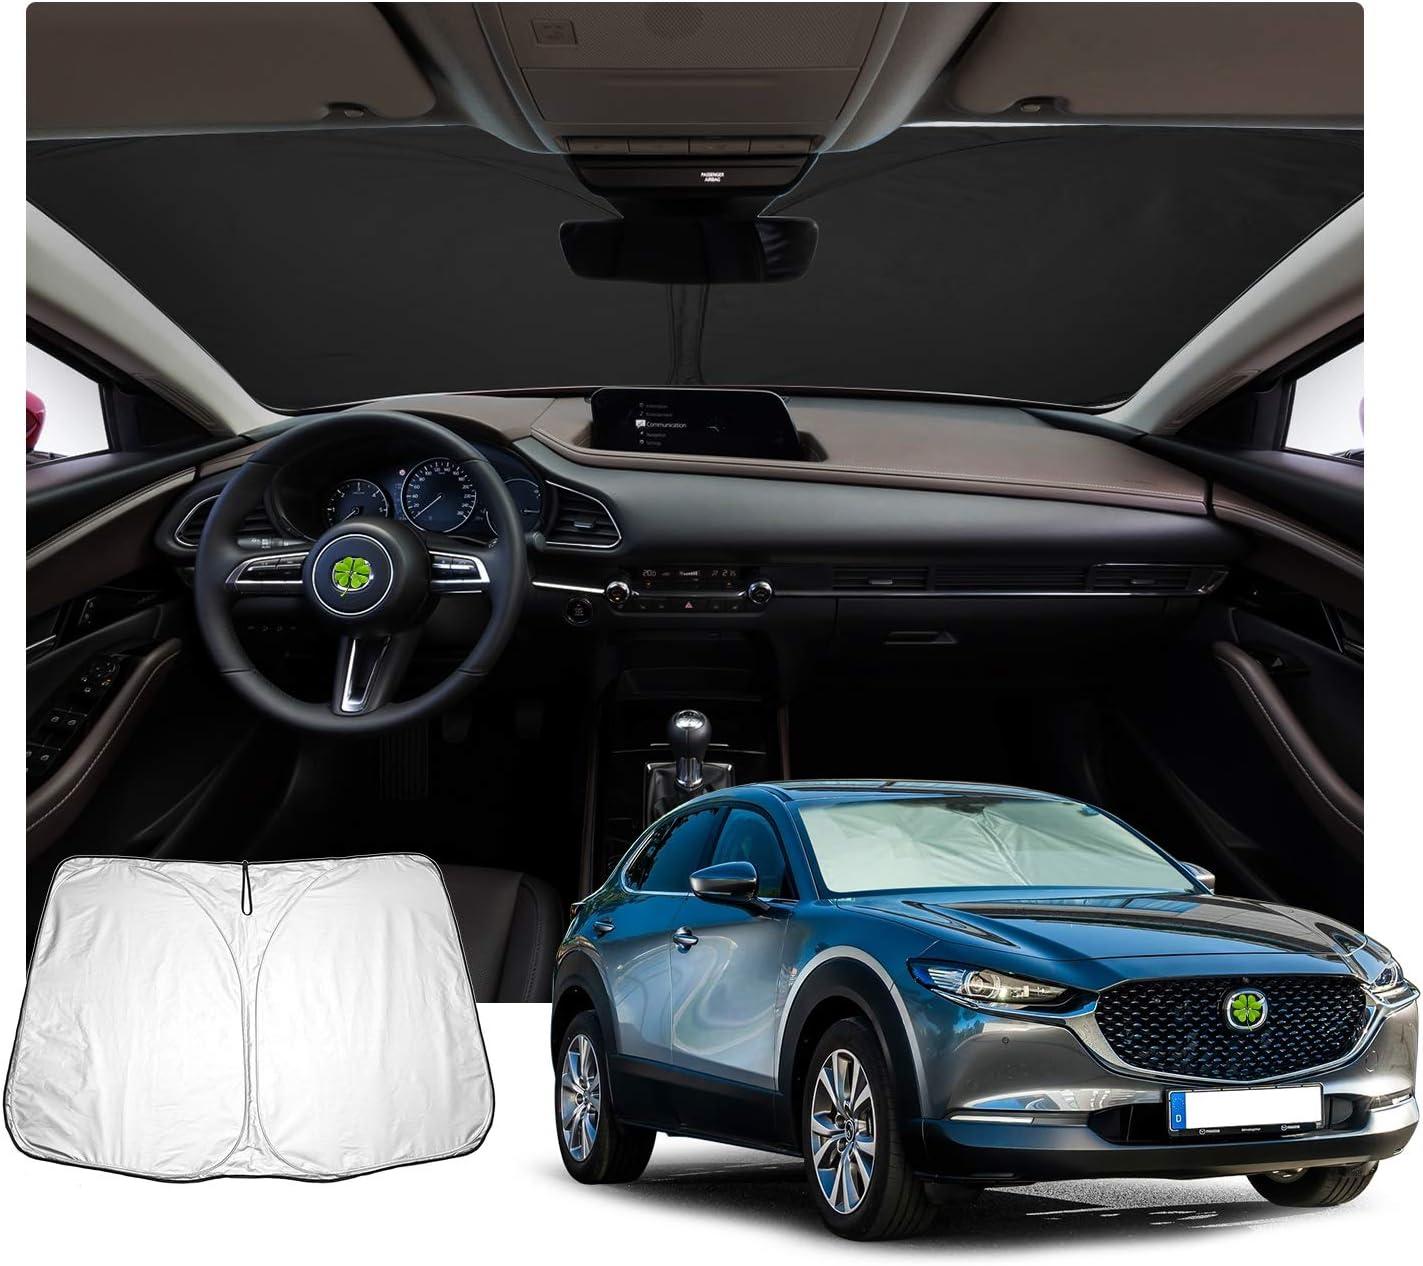 transparente 150 /μm Lackschutzshop L/ámina protectora de pintura compatible con Mazda CX30 // CX-30